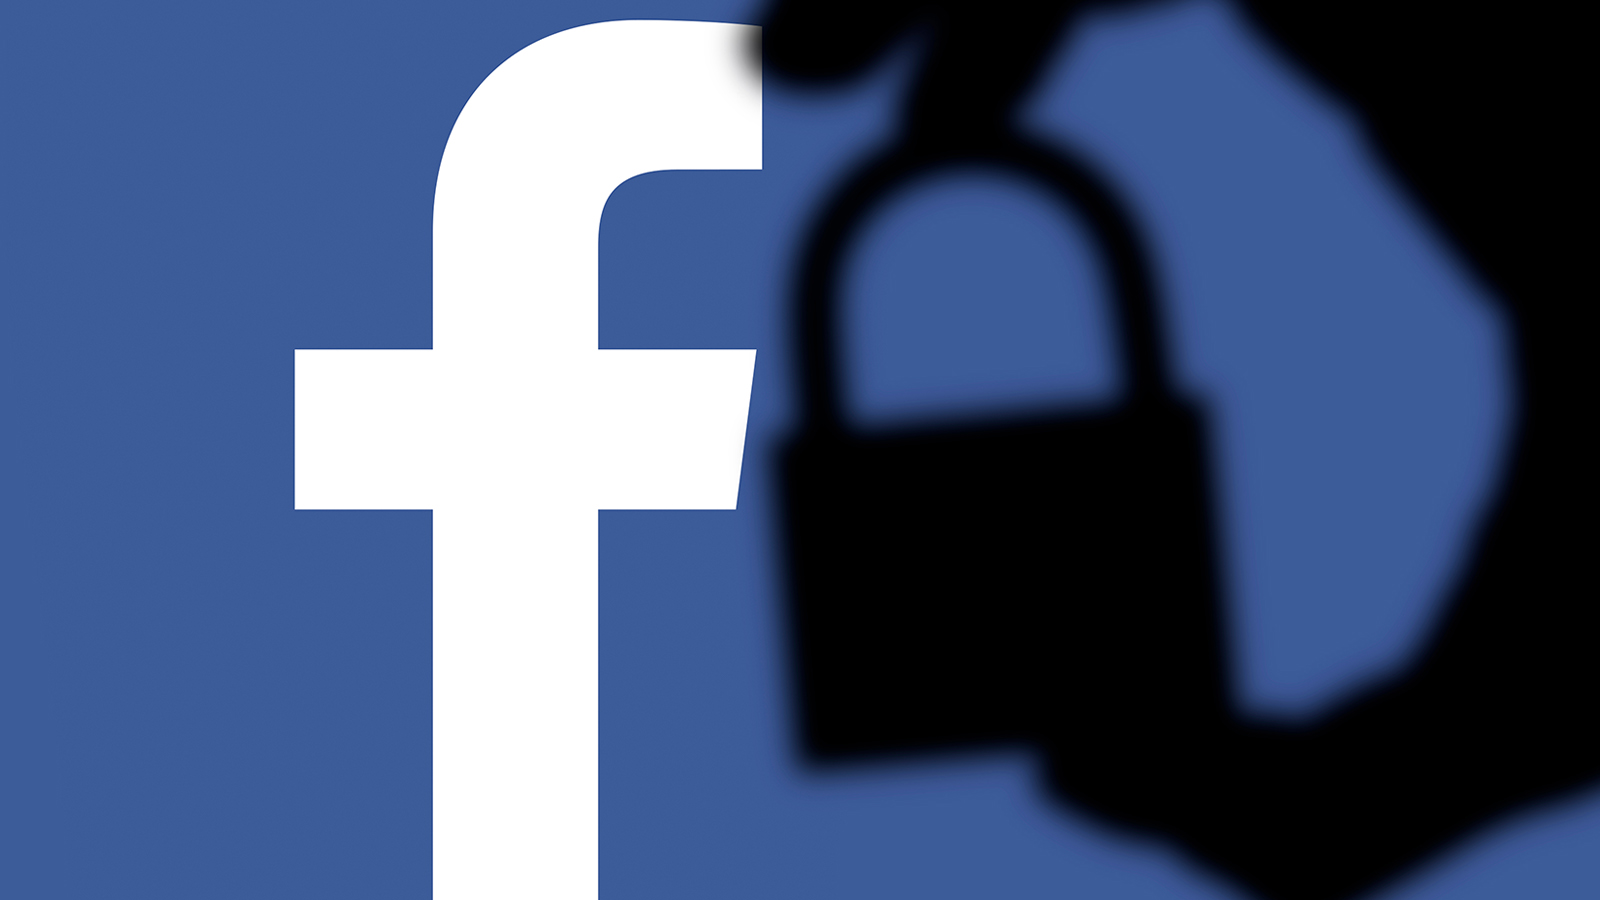 privacy%20fb shu 1018754929 1600x900 - Altroconsumo lancia una Class Action contro Facebook